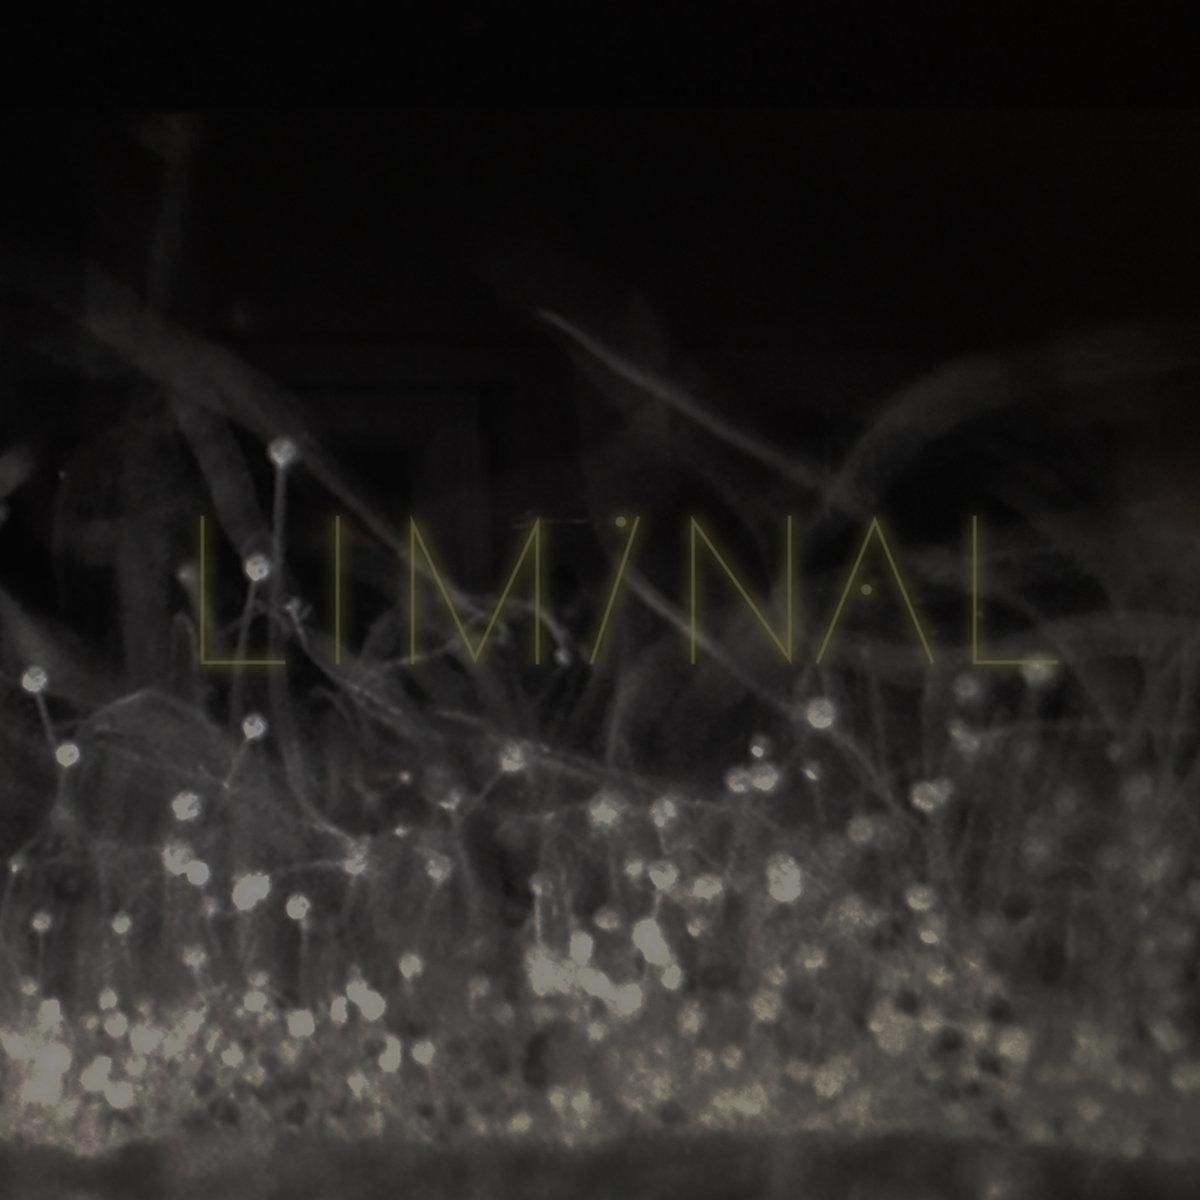 Liminal - Liminal 2